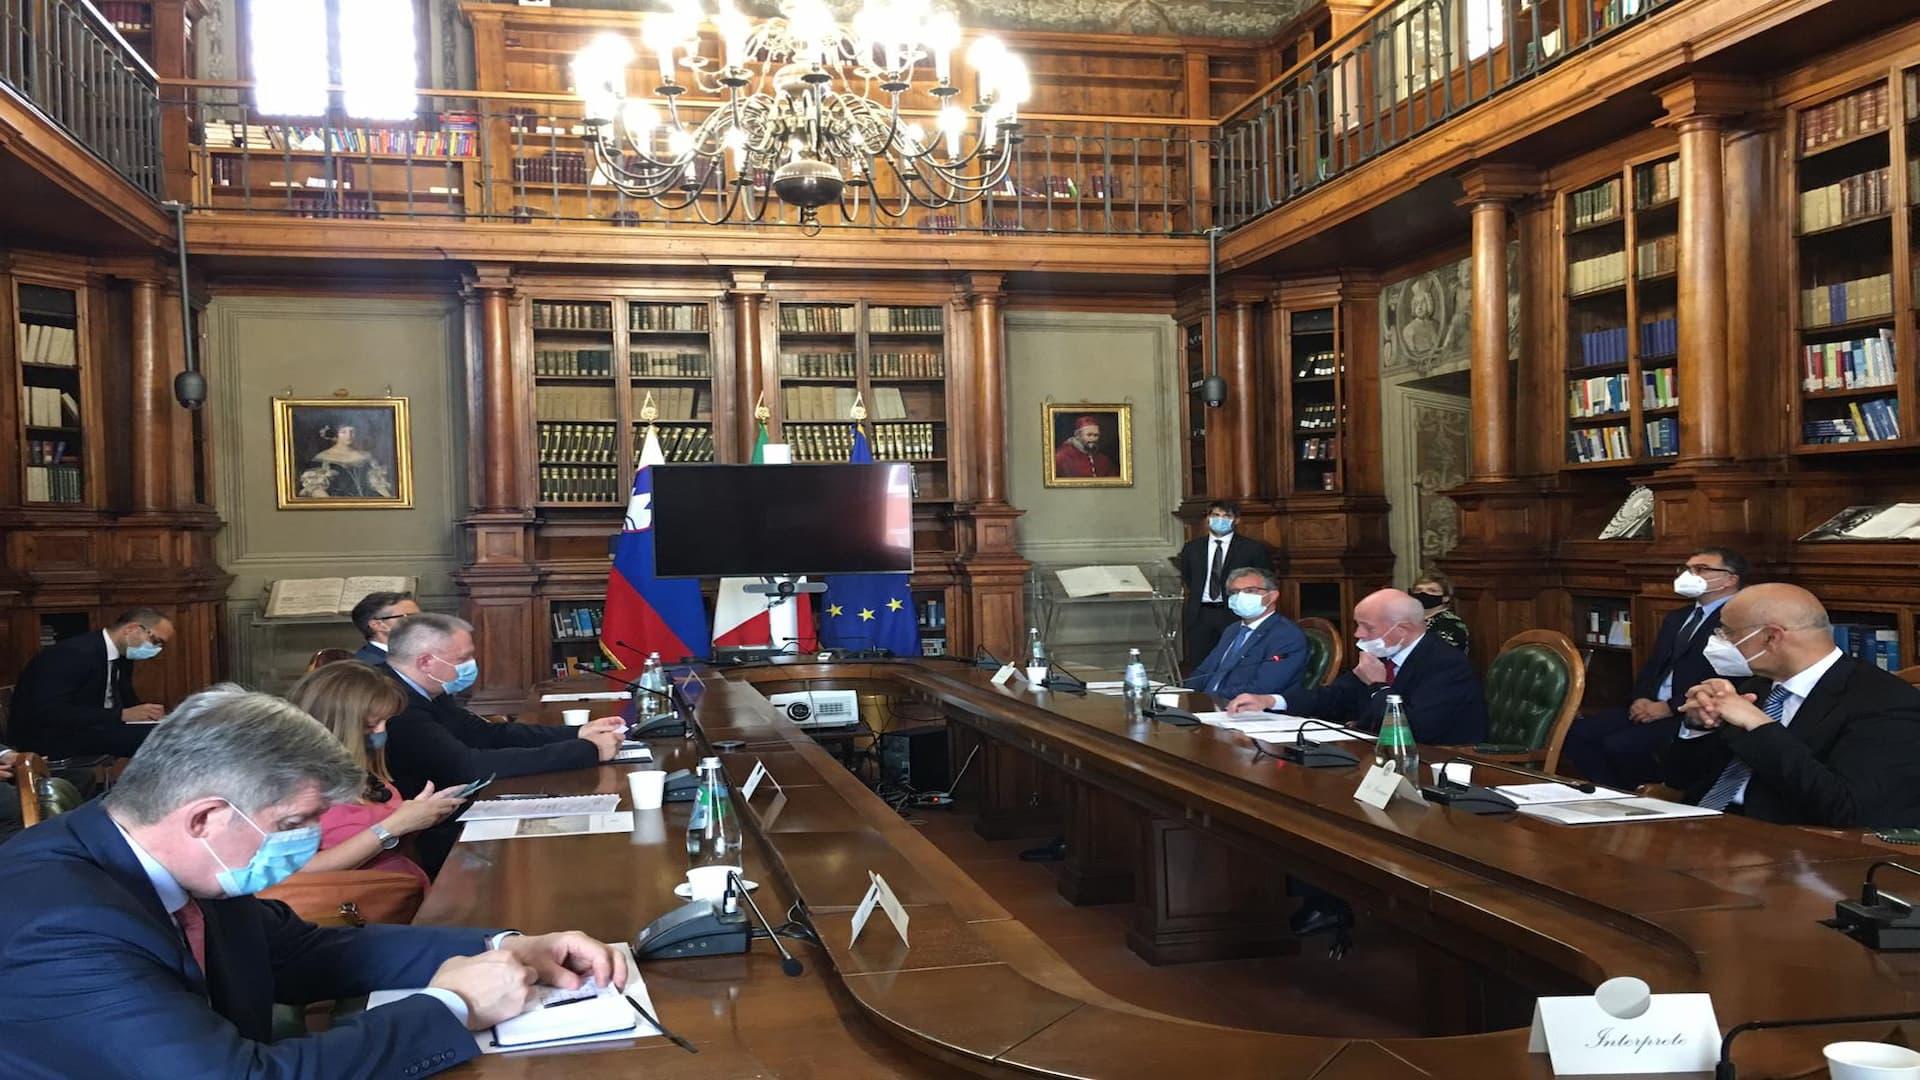 ASI - Siglata la lettera d'intenti tra Italia e Slovenia per una cooperazione in campo spaziale